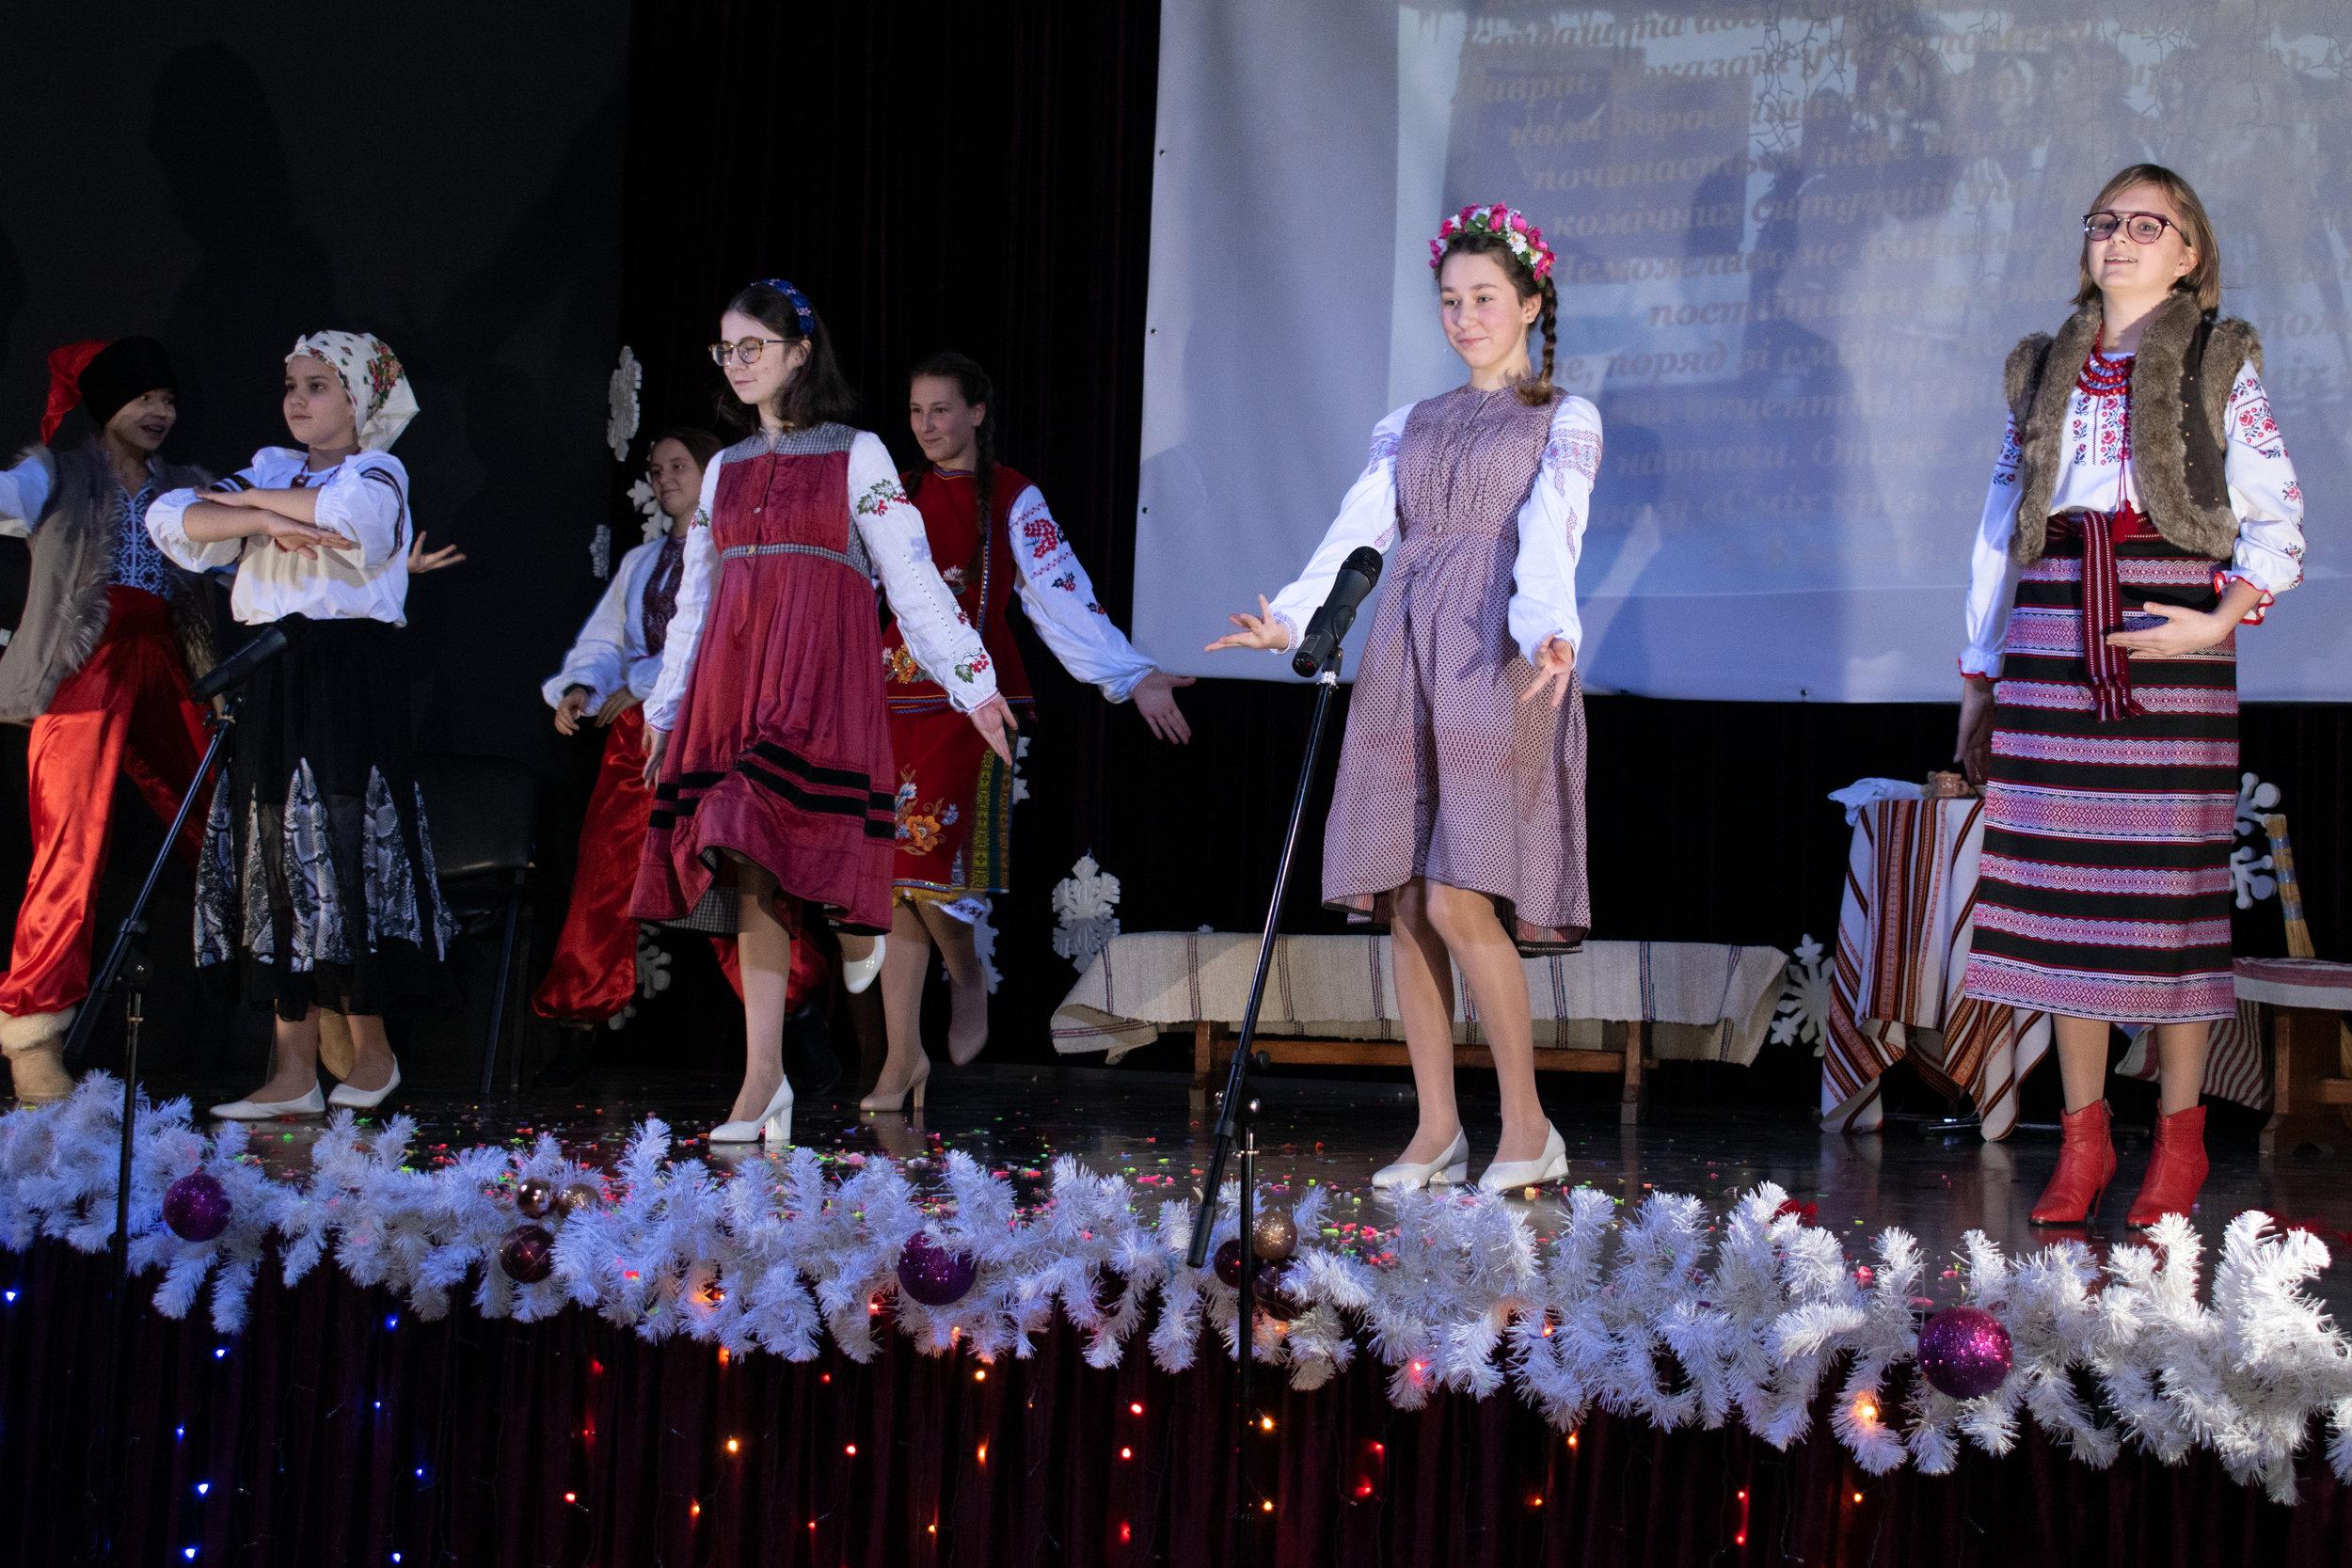 2.Школа Леді_Новорічна вистава Сміх кріцзь сльози 7-8 класи.jpg